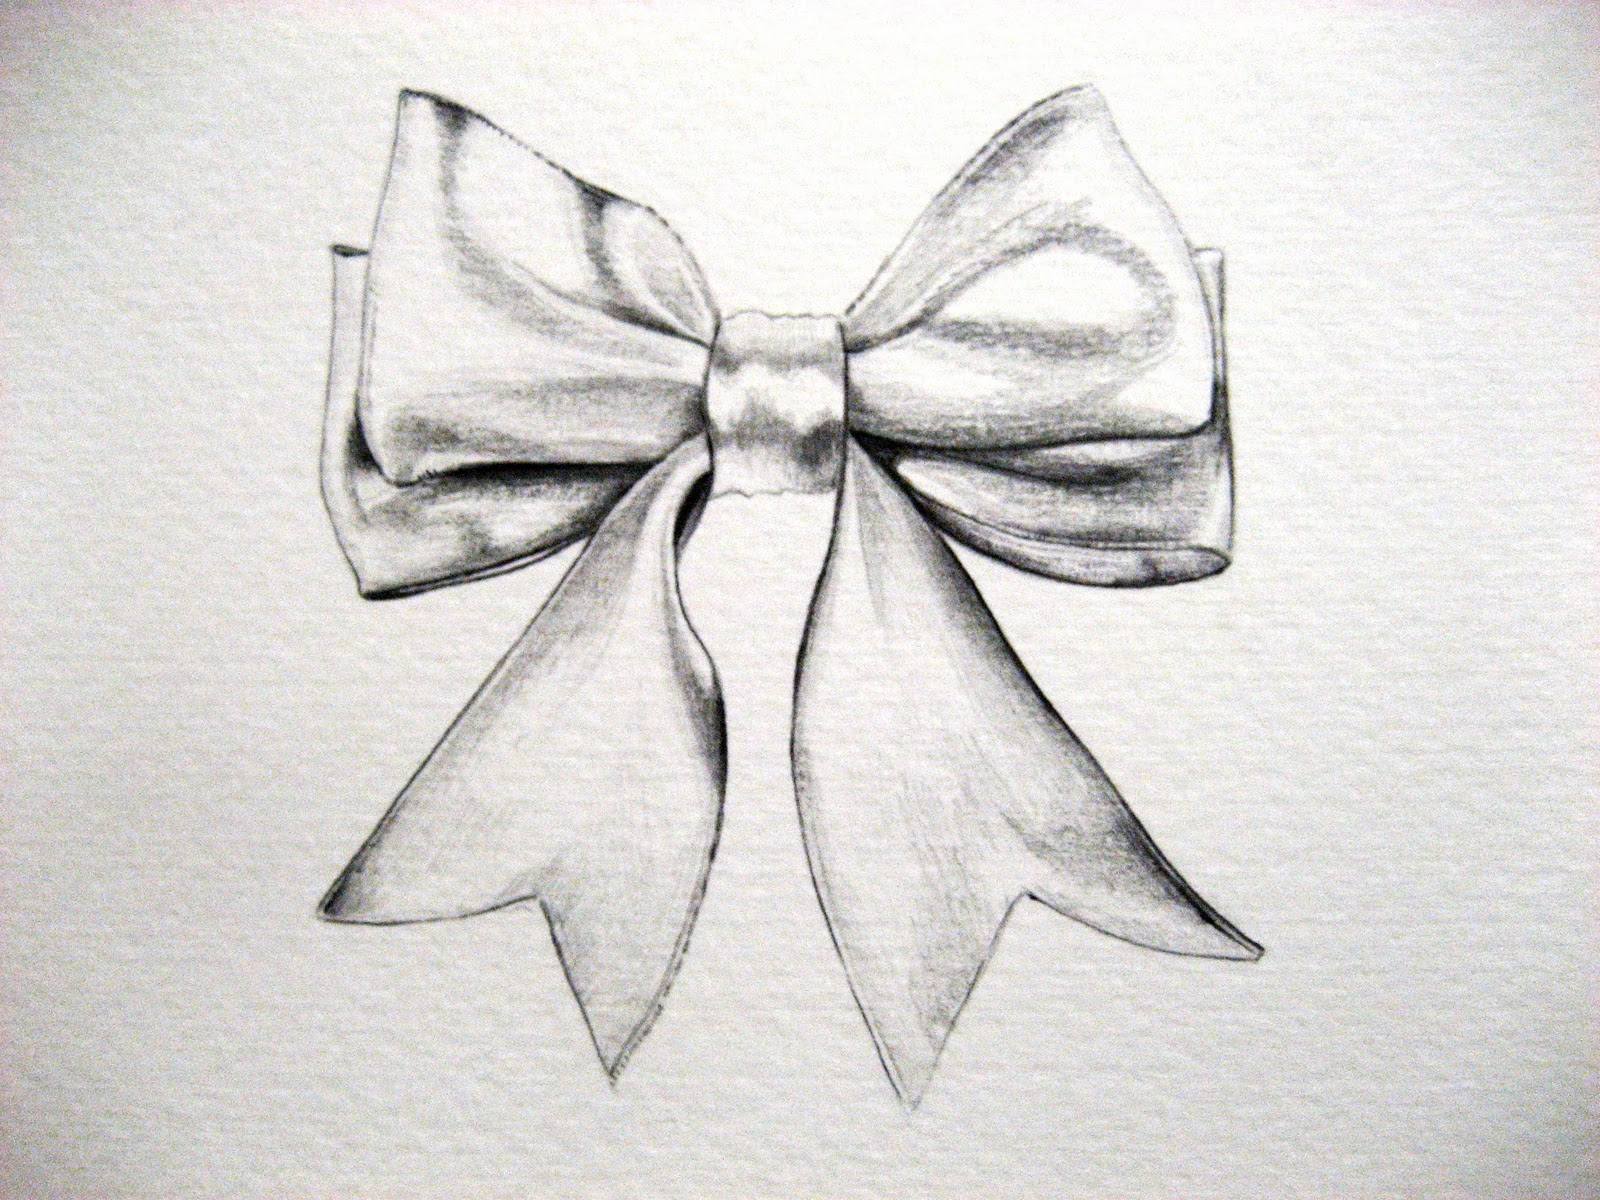 Drawn ribbon pencil drawing Bows Scribble Bow a 17